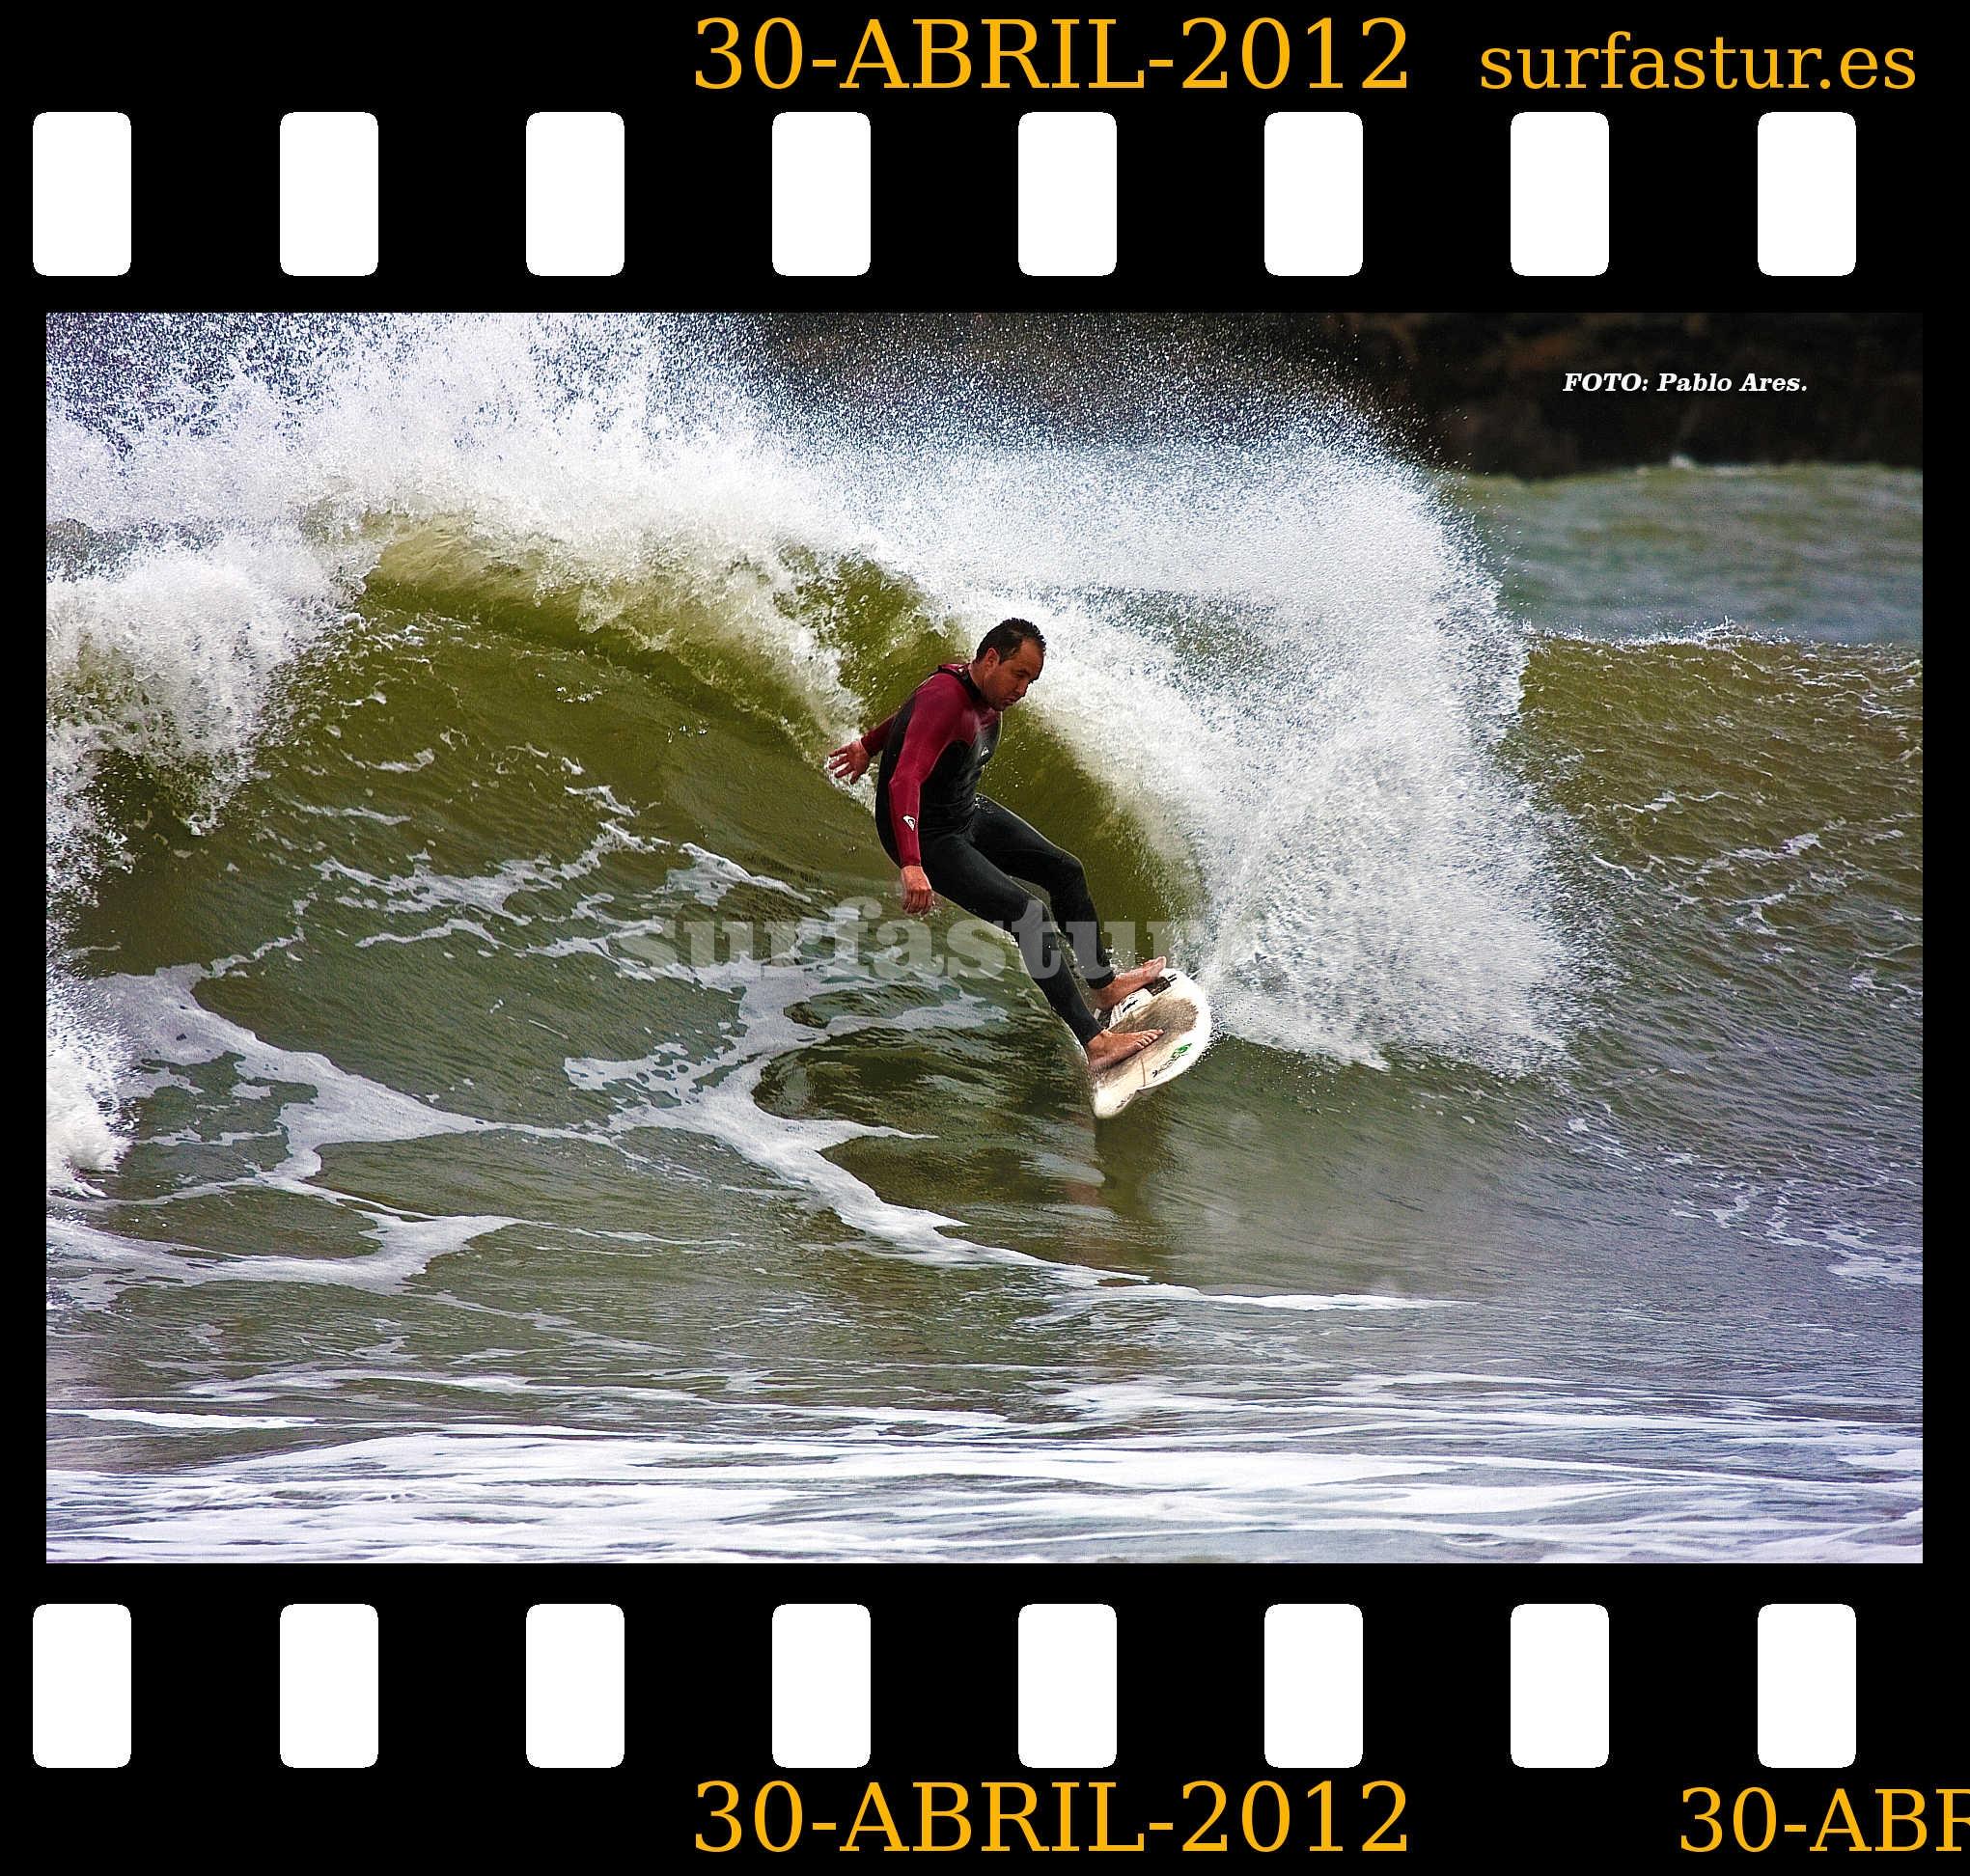 WWW,SURFASTUR.ES